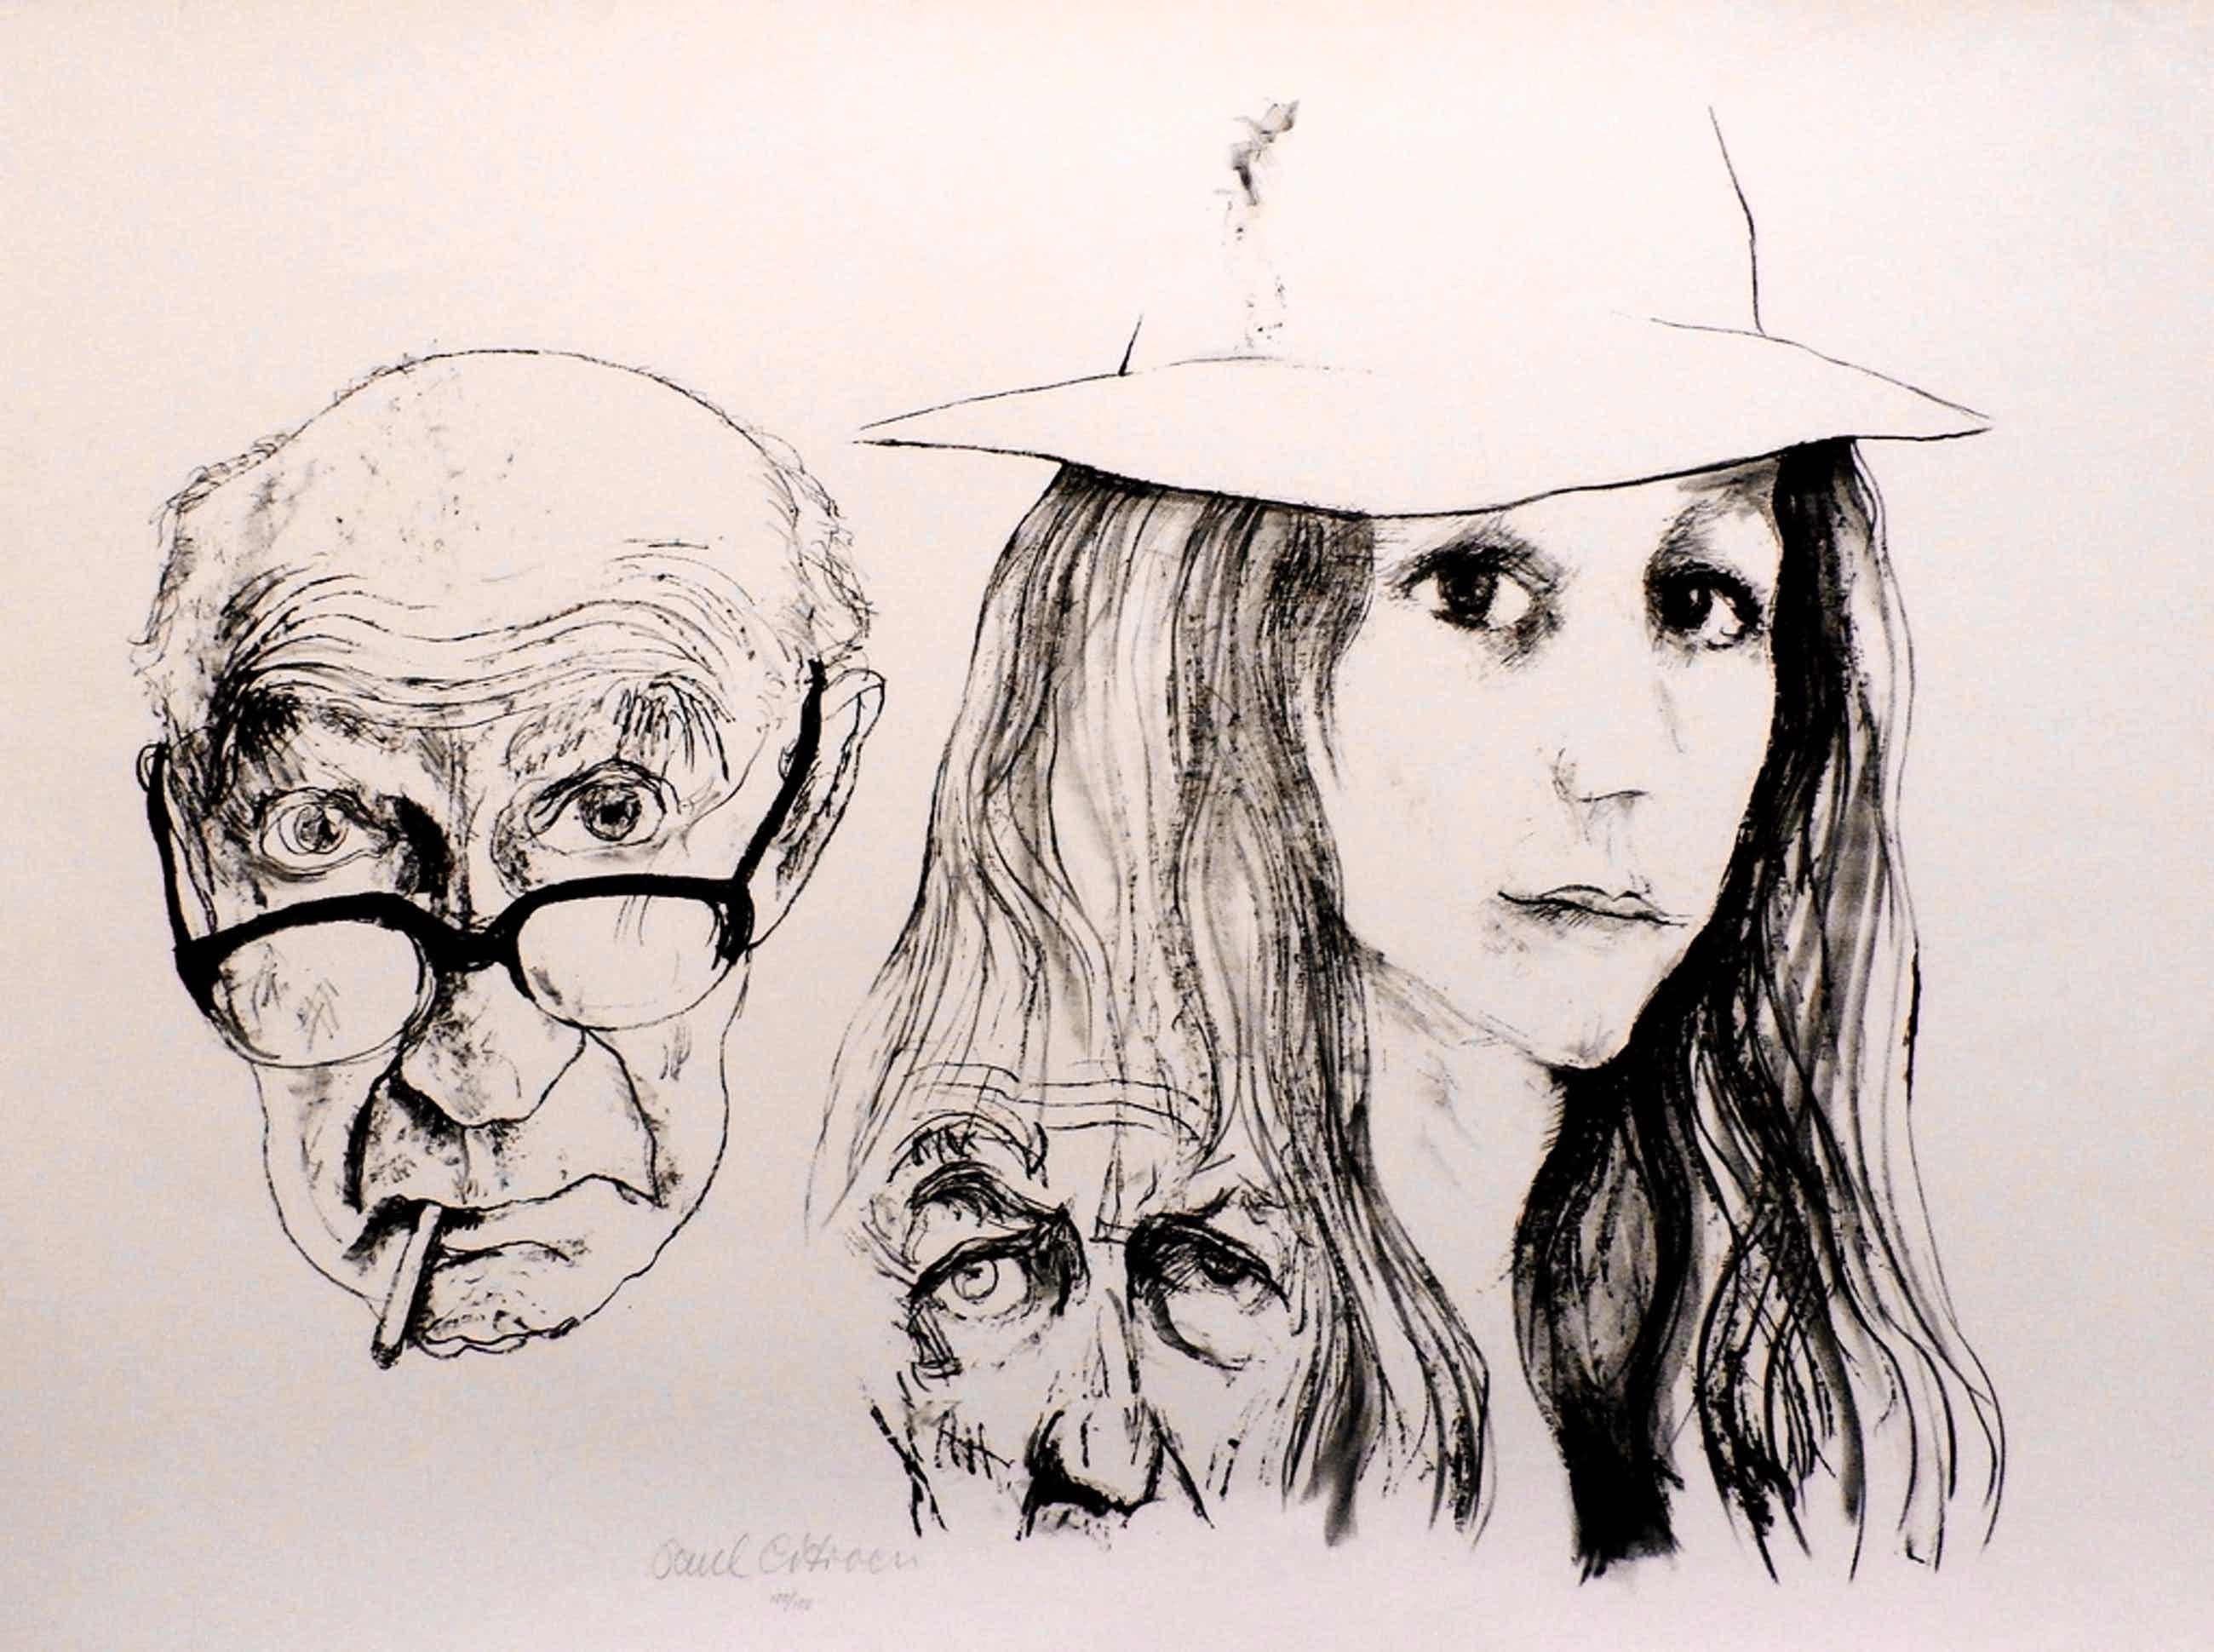 Paul Citroen - litho: zelfportret met dochter - 1971  kopen? Bied vanaf 75!